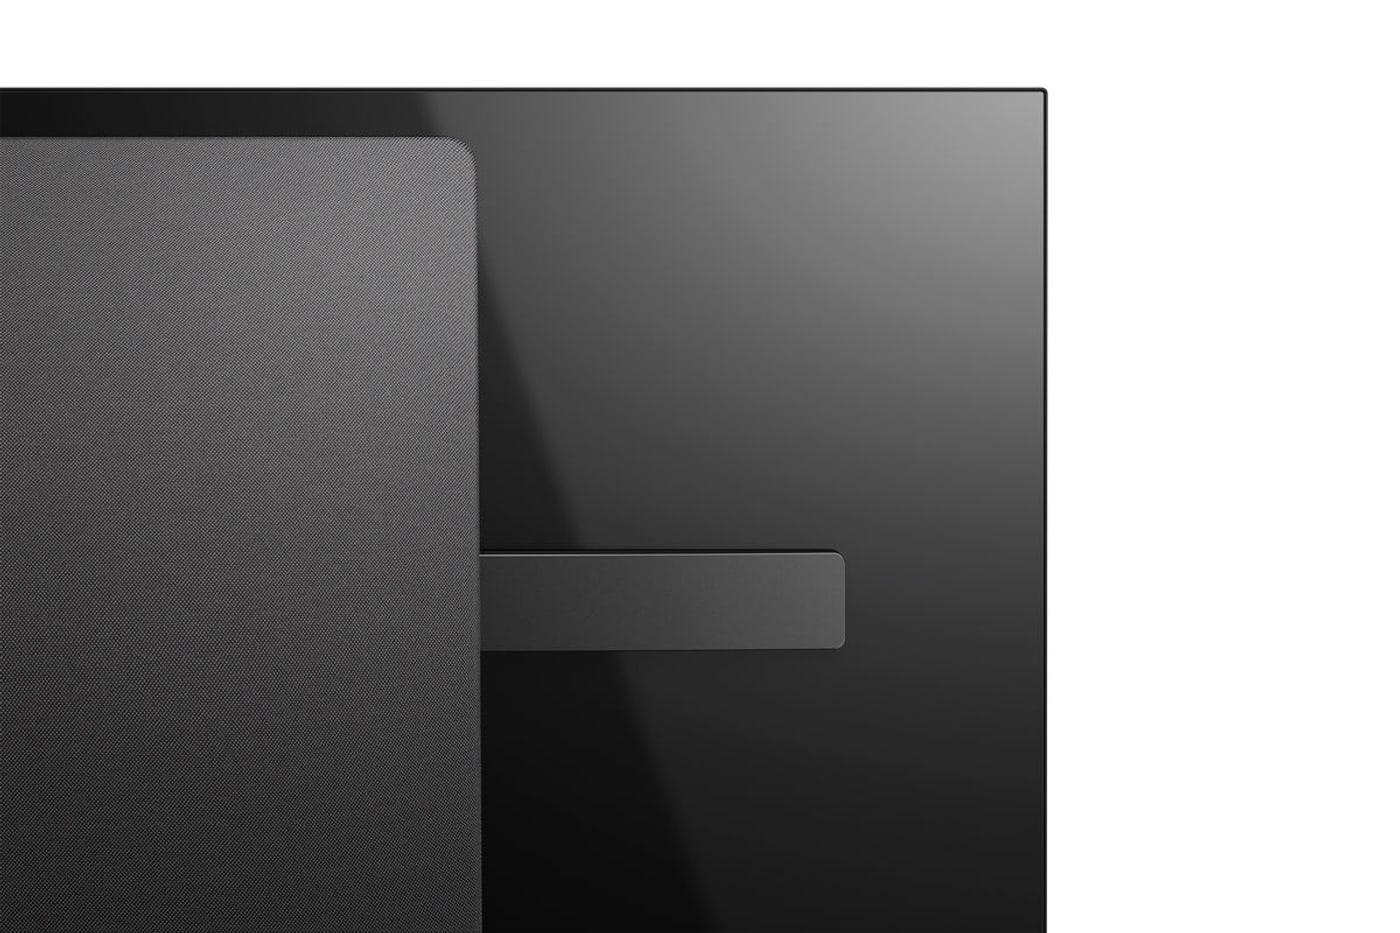 sony kd 65a1 164 cm 4k oled tv migros. Black Bedroom Furniture Sets. Home Design Ideas